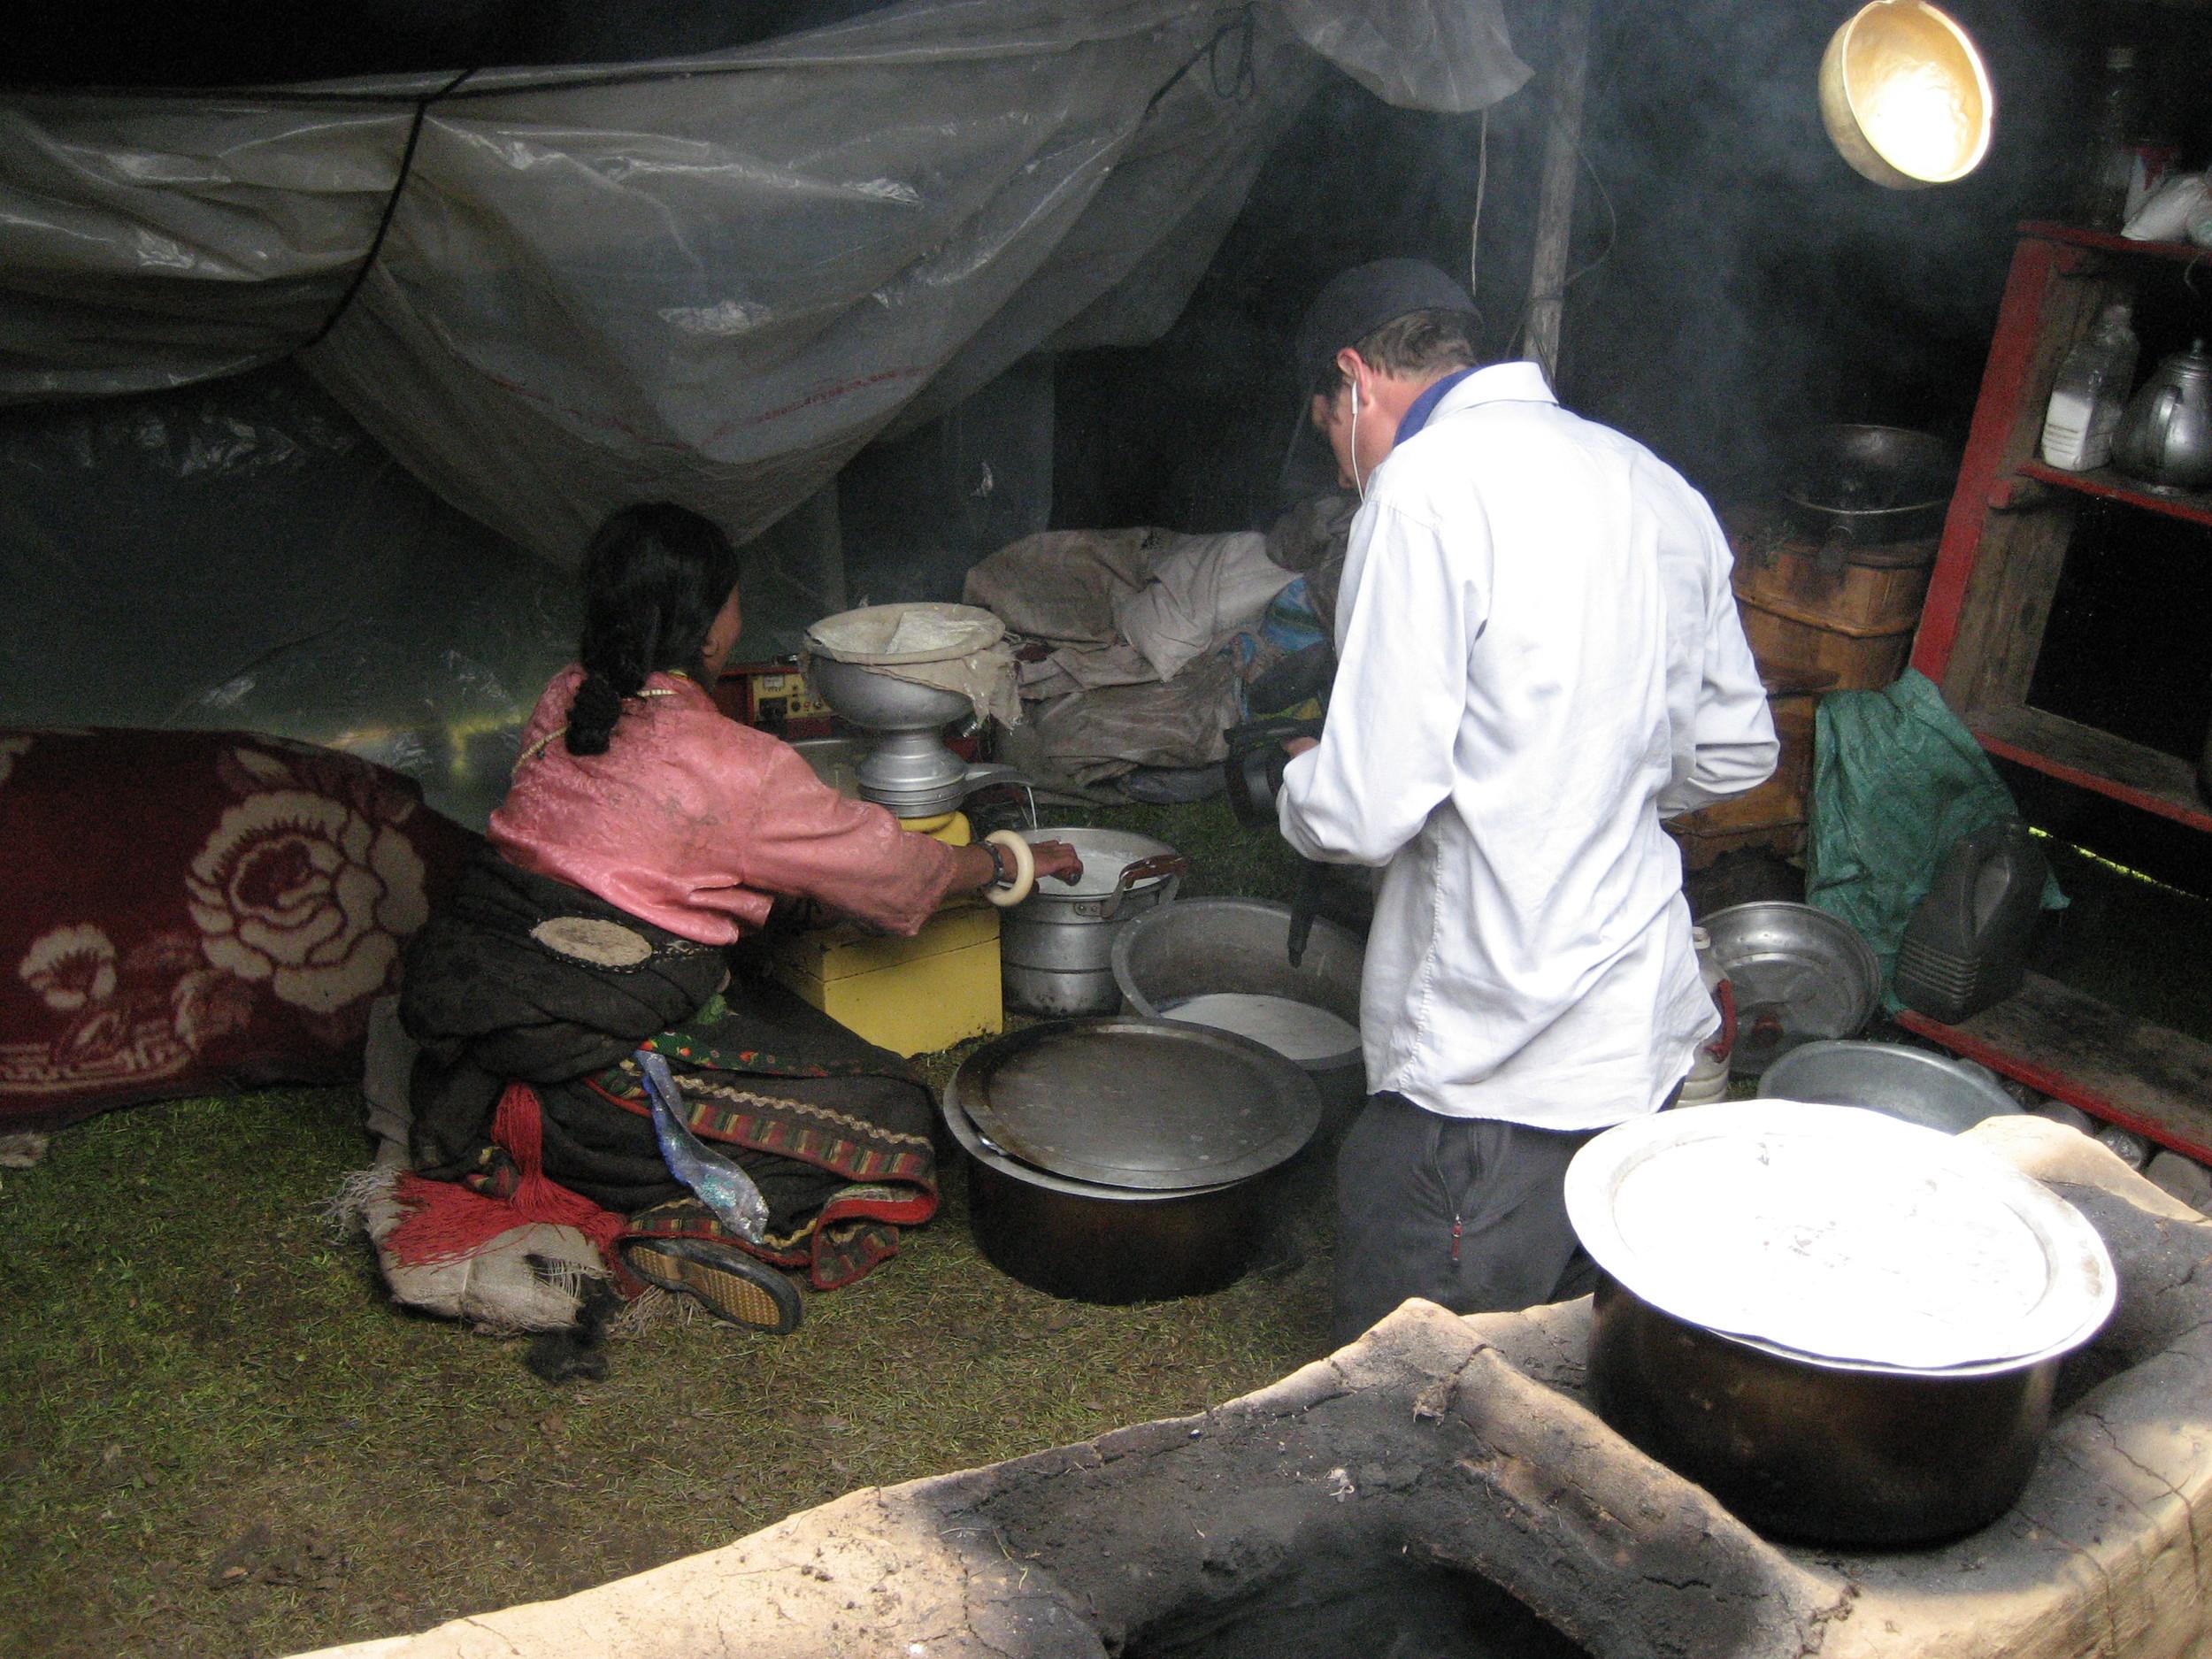 Nelson films Yama making butter